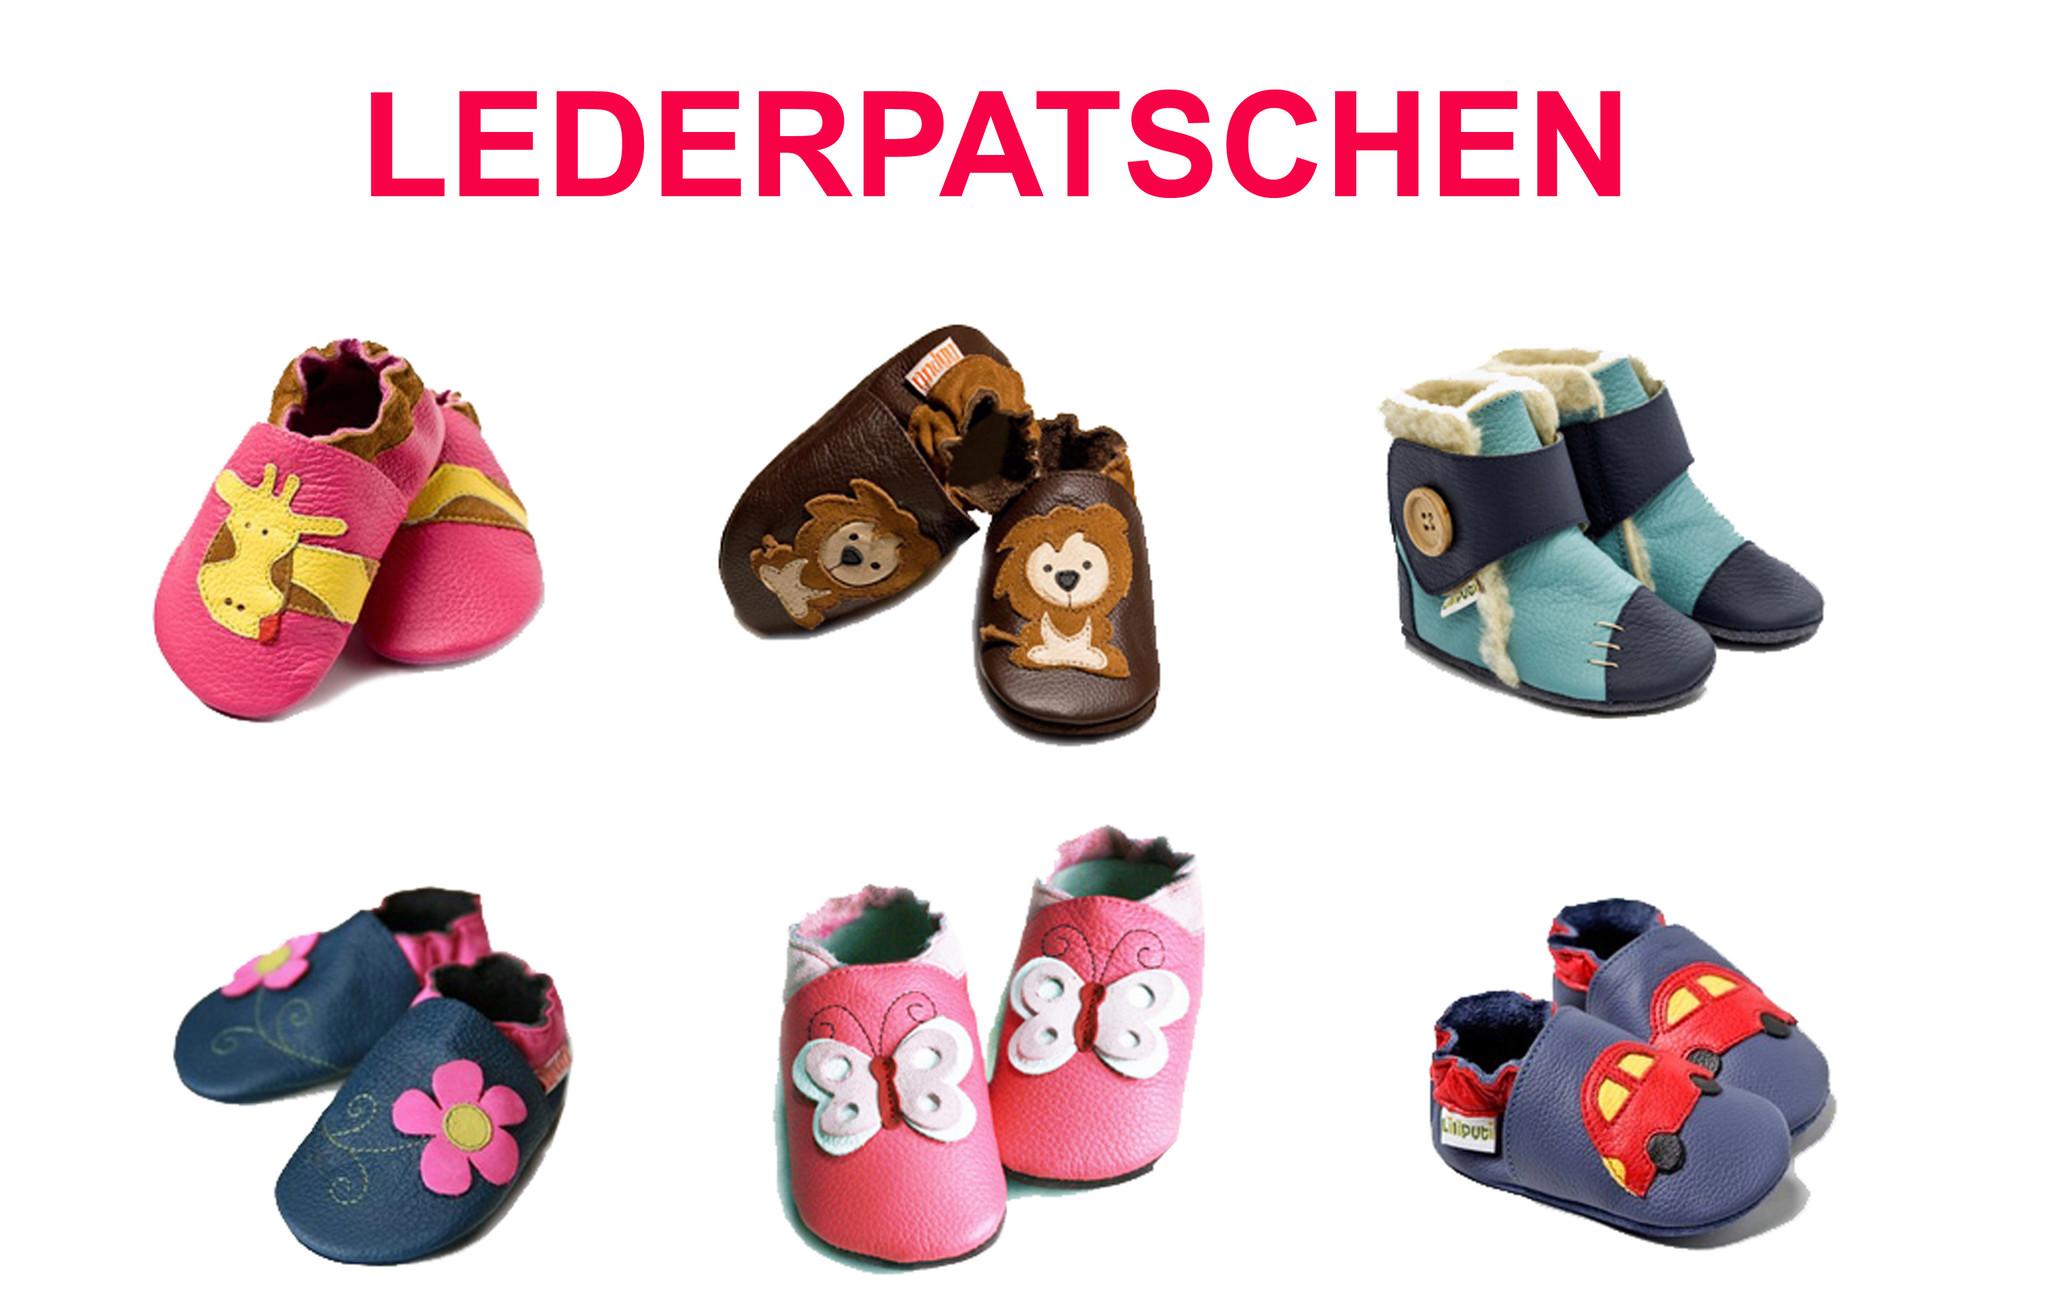 Lederpatschen, Lederpuschen, Krabbelschuhe, Kinderpatschen, Kindergarten Patschen, Babypatschen, Baby Patschen, Babyschuhe, Baby Schuhe